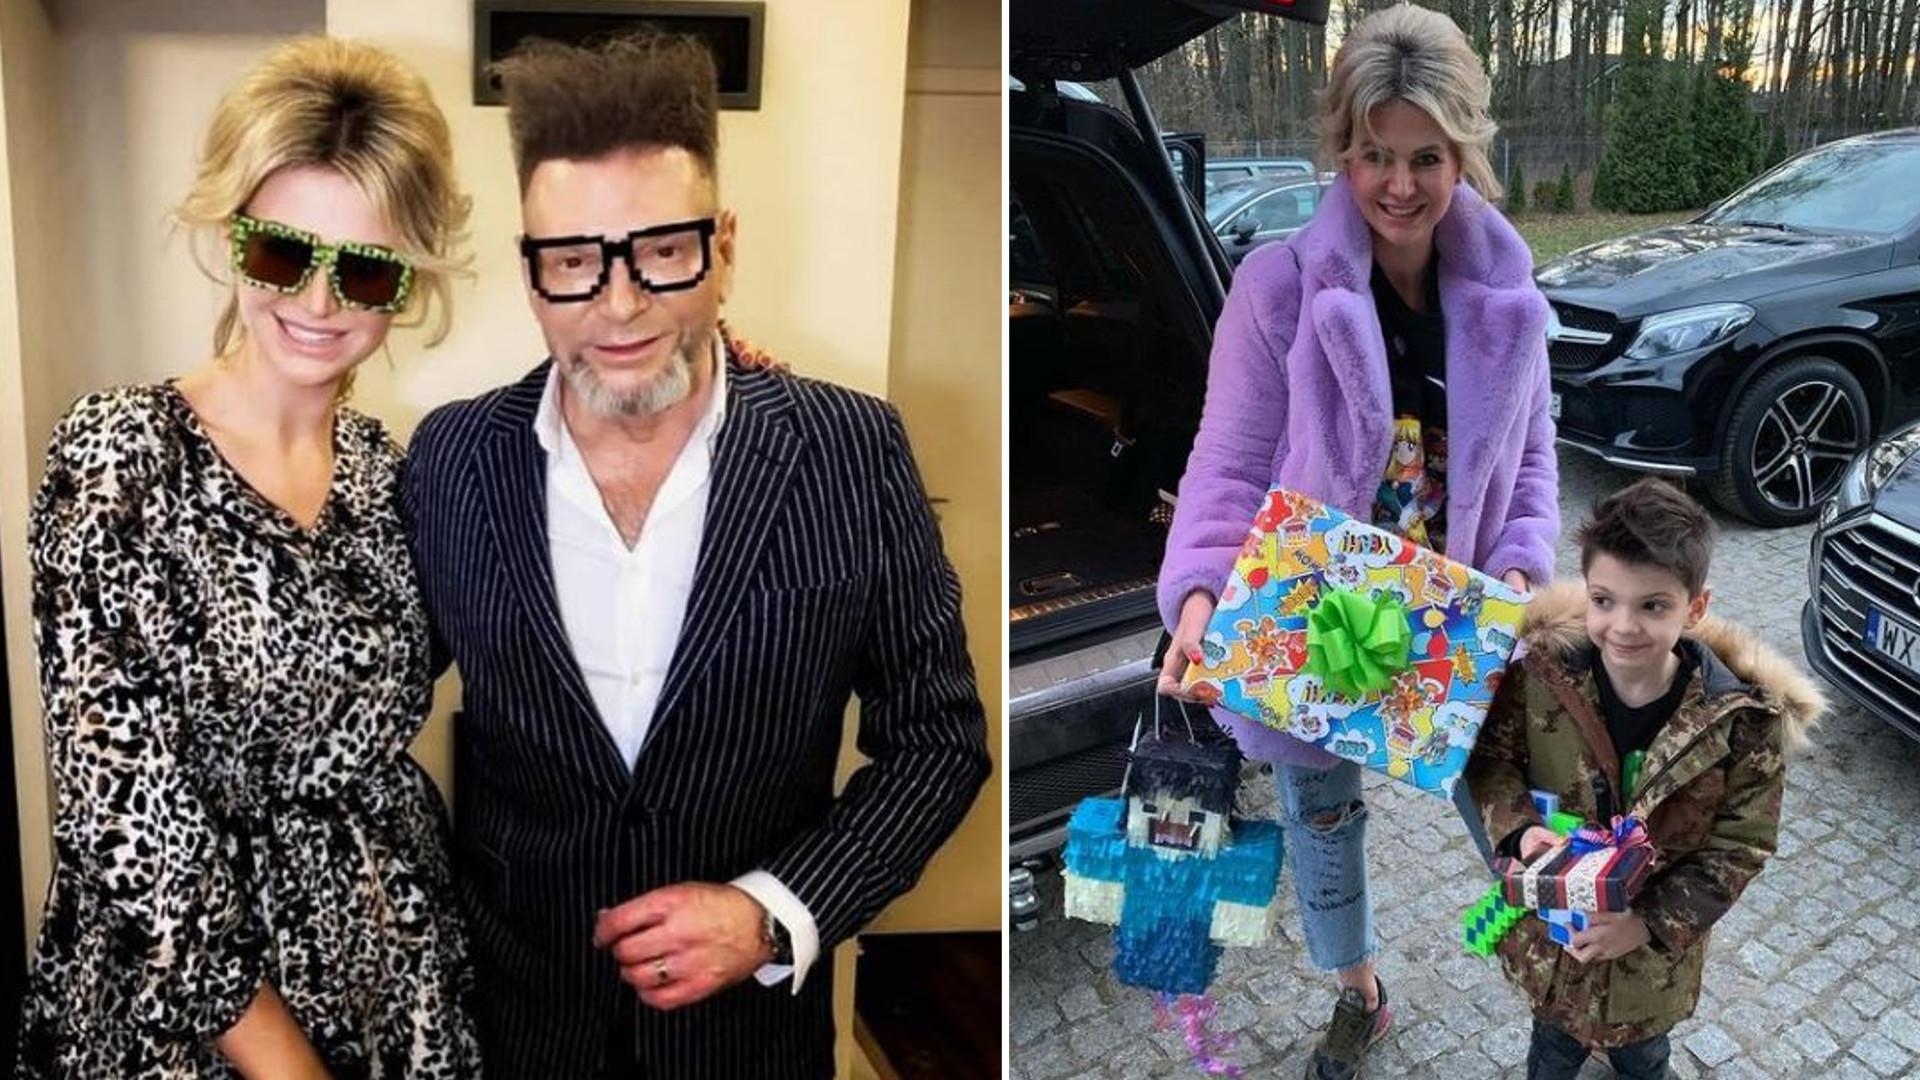 Maja Rutkowska pochwaliła się przyjęciem urodzinowym dla syna. Dekoracje, tort i uzbrojona po zęby ochrona